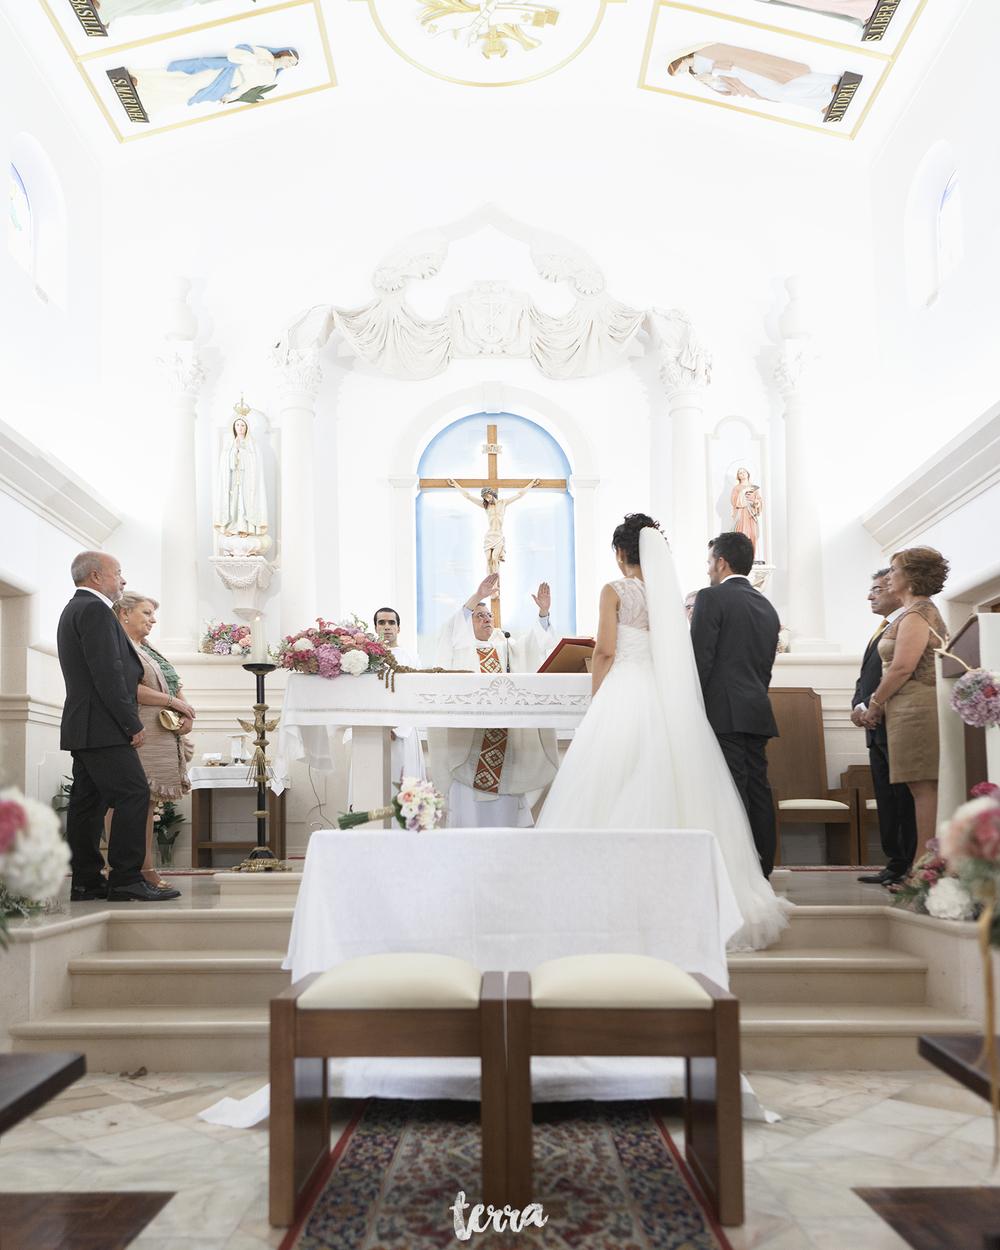 reportagem-casamento-quinta-casalinho-farto-fatima-terra-fotografia-073.jpg